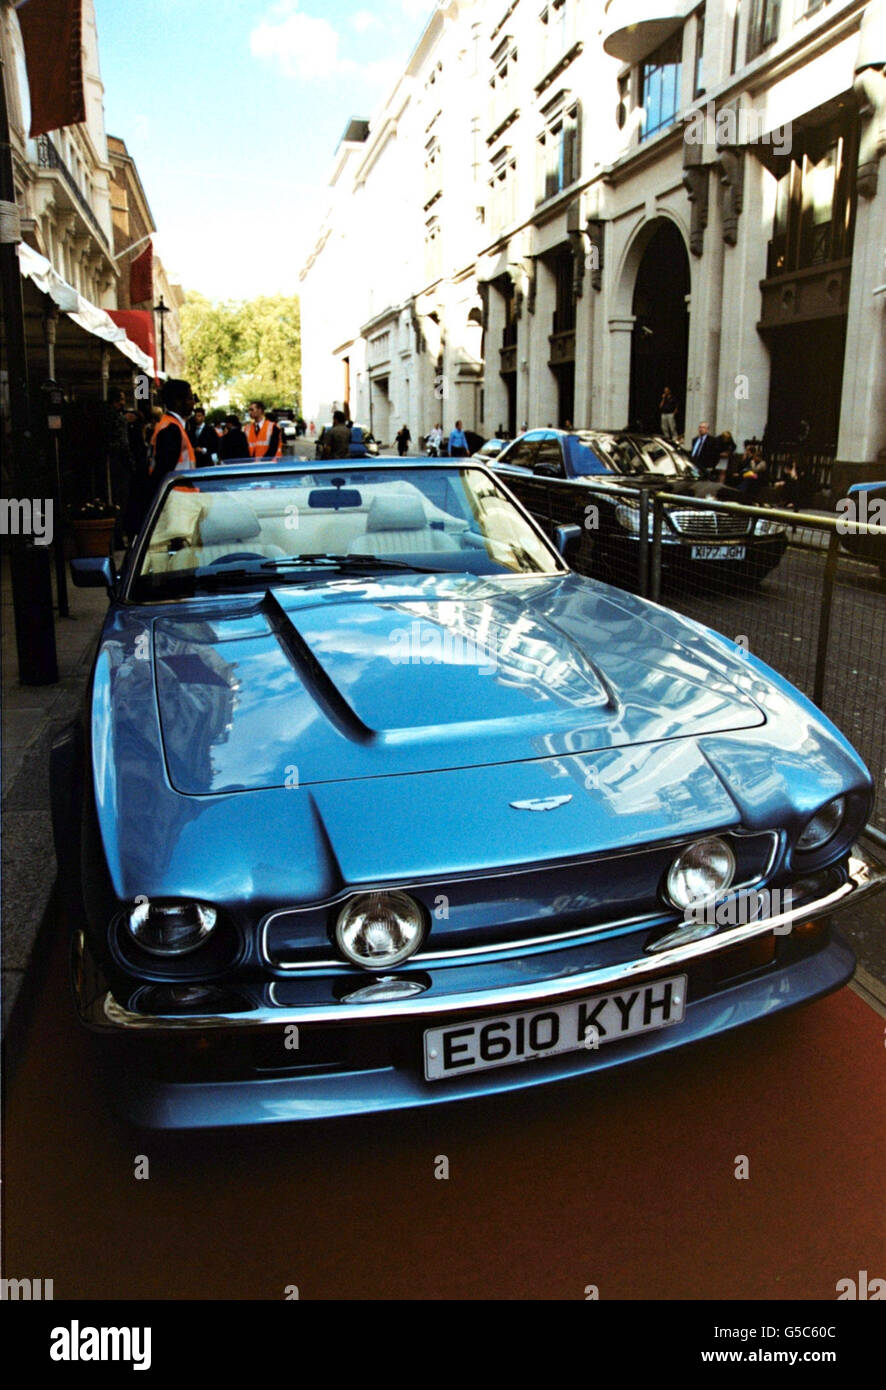 Sir Elton John Auction Preview Stock Photo